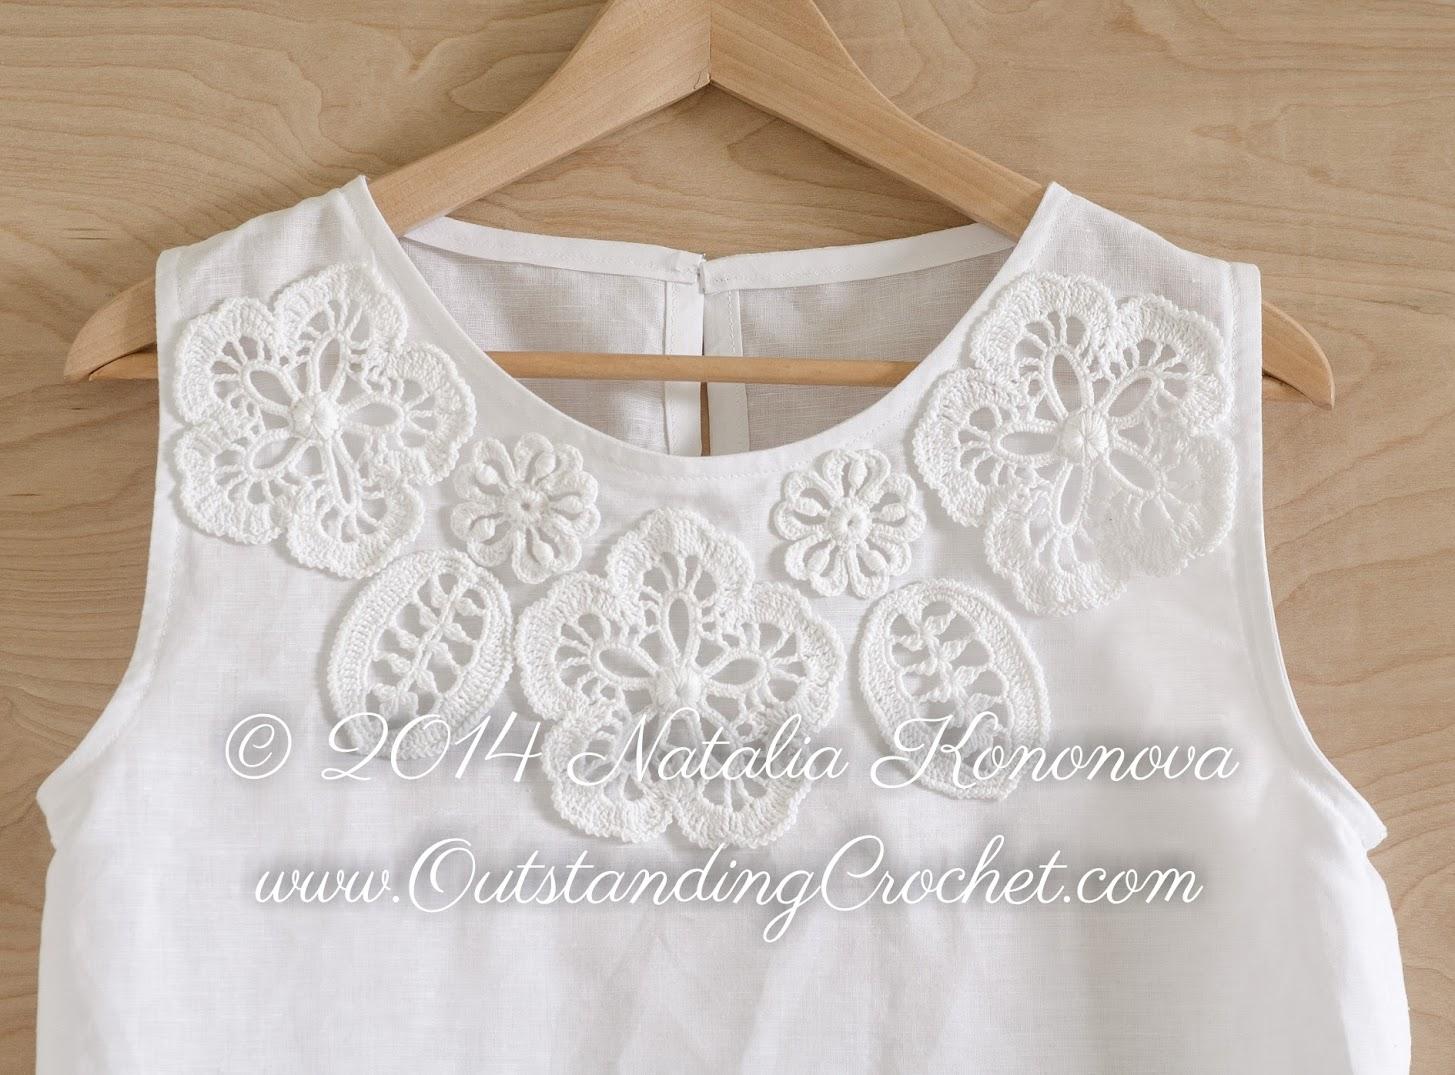 Outstanding Crochet: New pattern in the shop - Irish Crochet Motifs ...